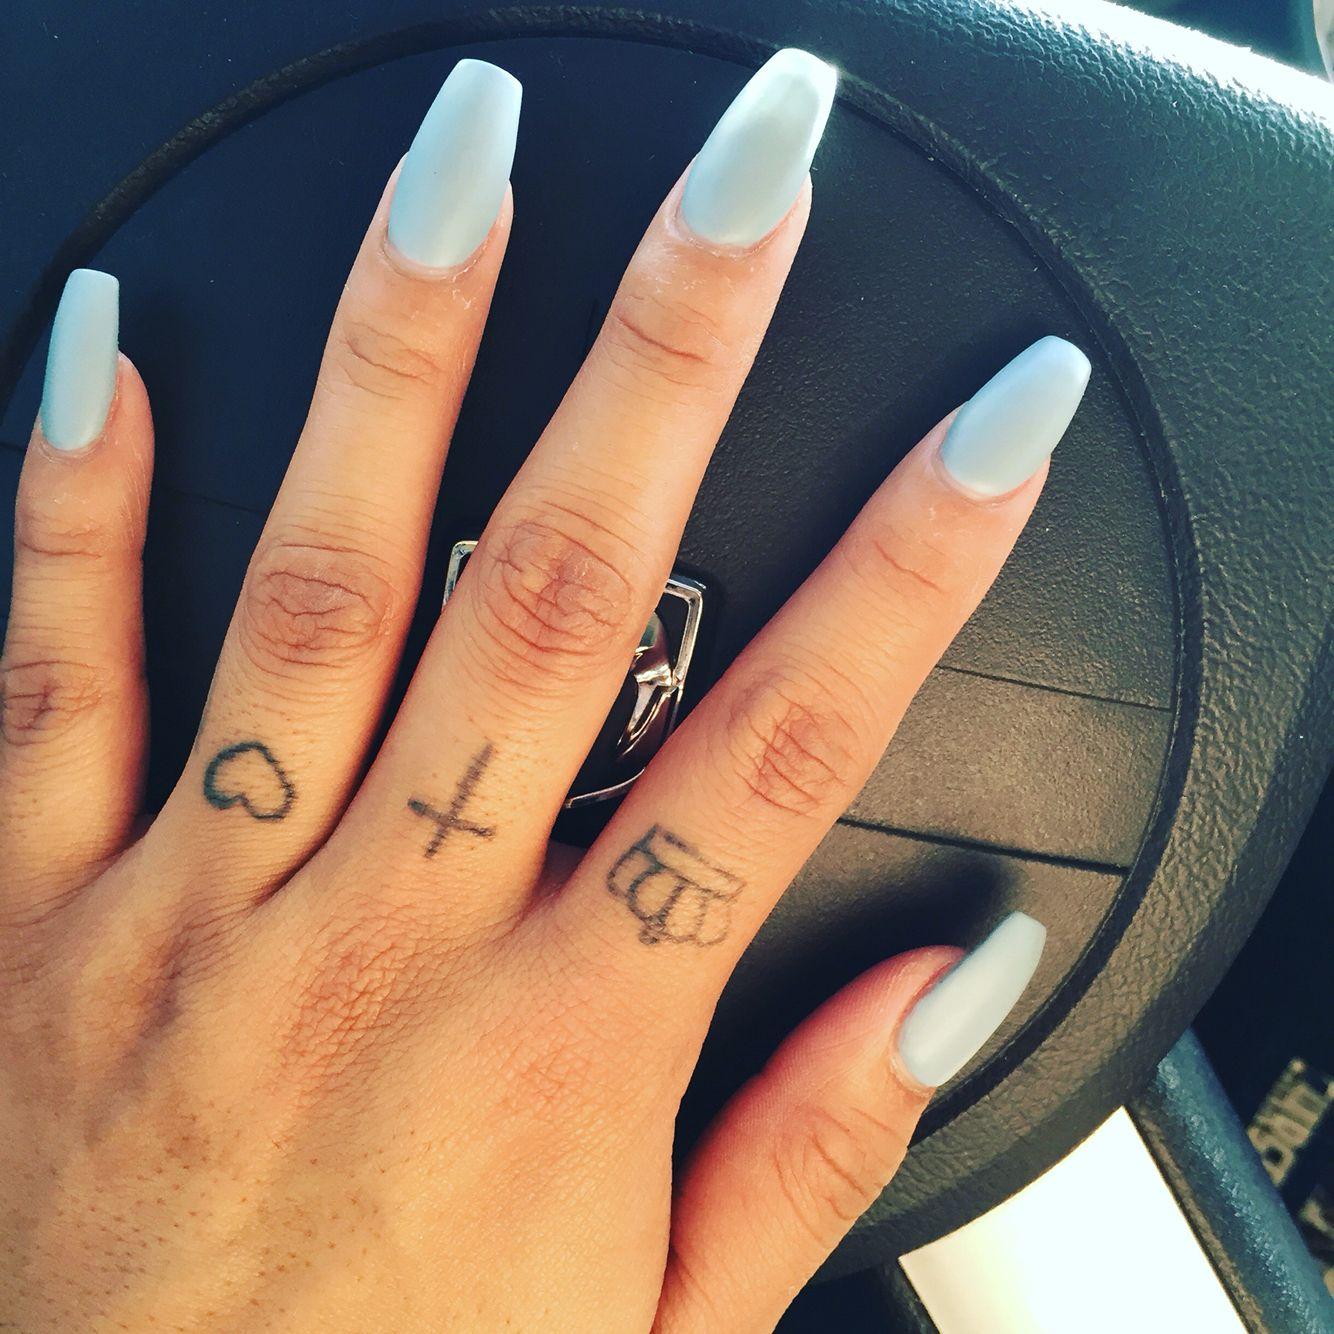 Matte nails #fresh#newset #acrylic | Nails! | Pinterest | Matte ...